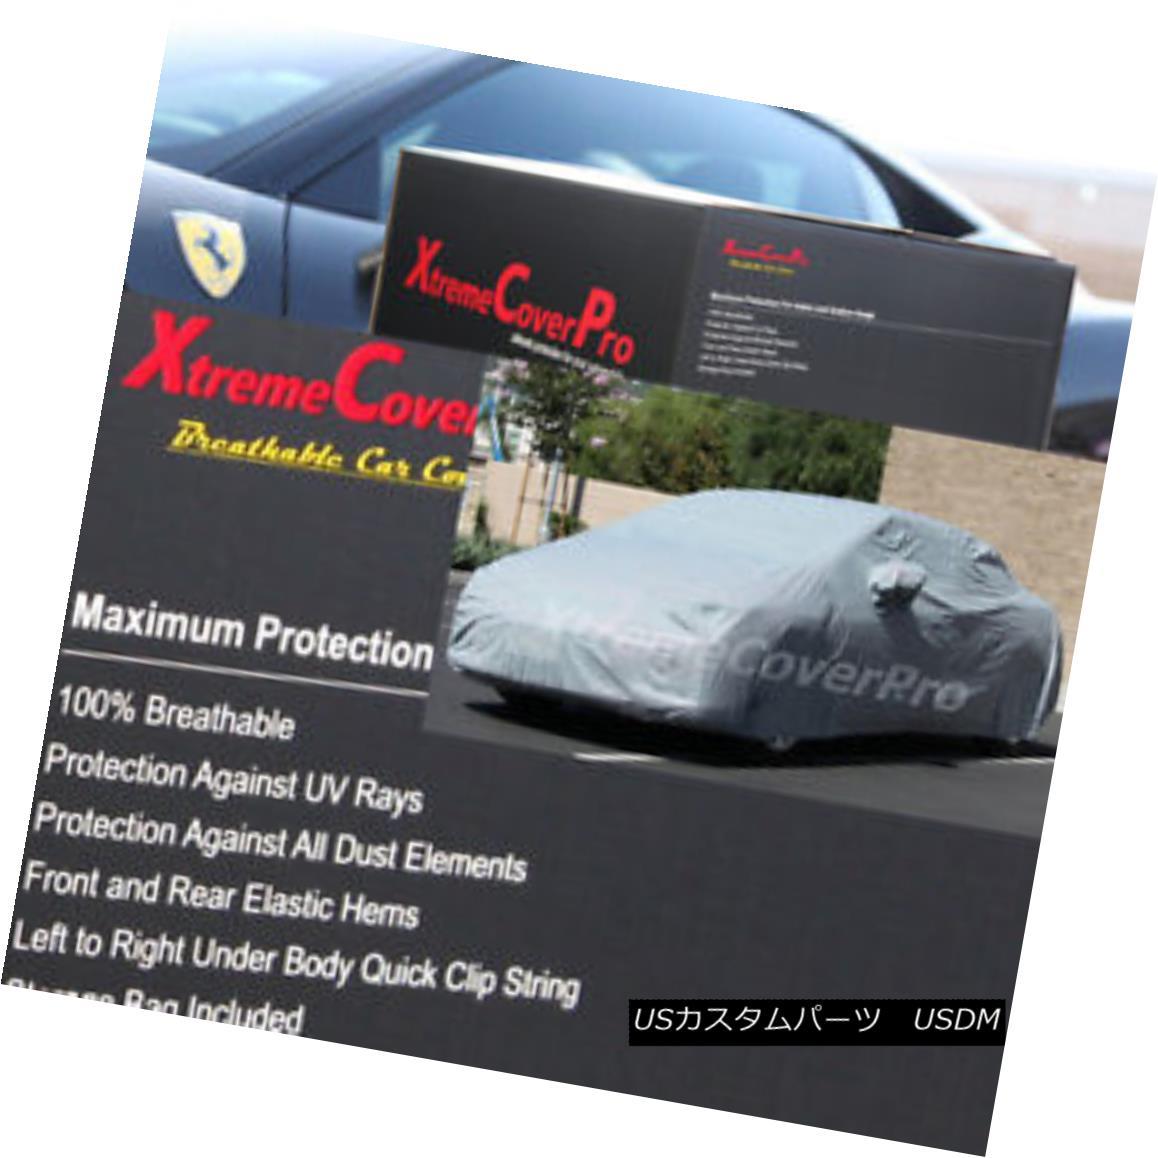 カーカバー BREATHABLE CAR COVER W/MIRROR POCKET-GREY FOR 2014 2013 2012 2011 NISSAN GT-R 2014年のBREATHABLE CAR COVER / MIRROR POCKET-GRAY 2013年2011年NISSAN GT-R